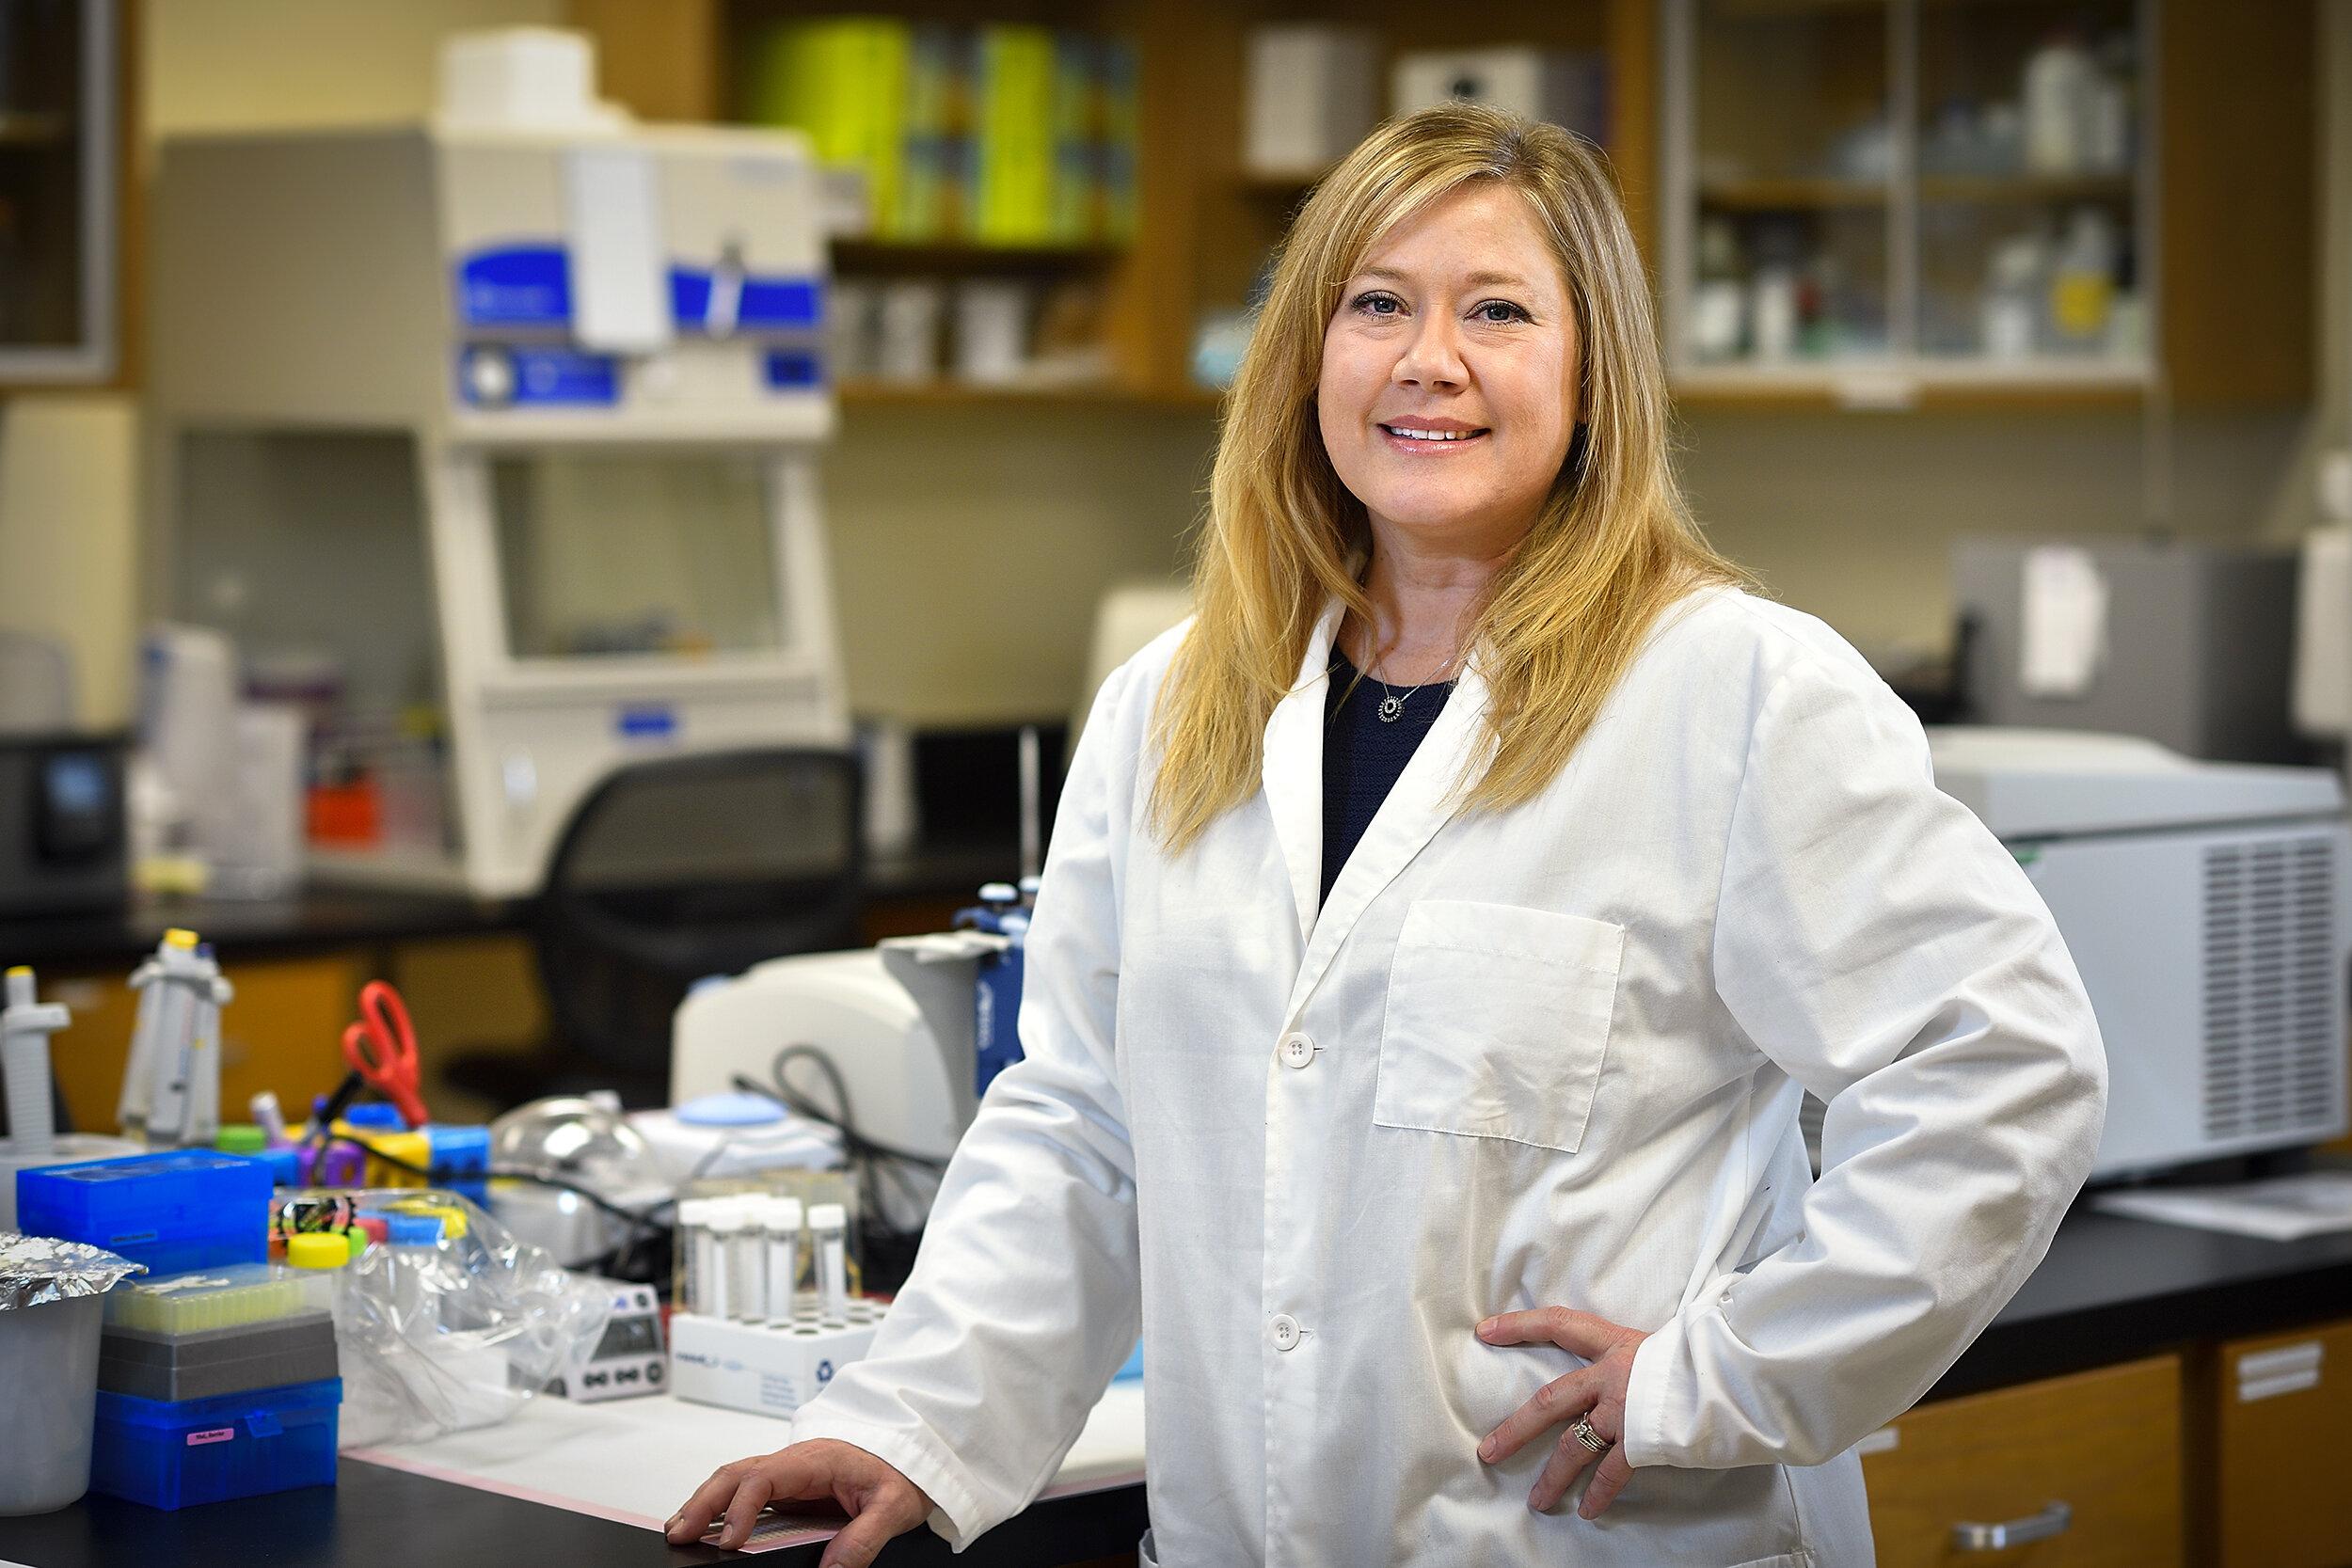 Amie Lund, une chercheuse en toxicologie cardiovasculaire à l'Université du Nord du Texas, a constaté que l'exposition à certains polluants atmosphériques peut causer un gain de poids, surtout lorsqu'il est associé à un régime riche en graisses.